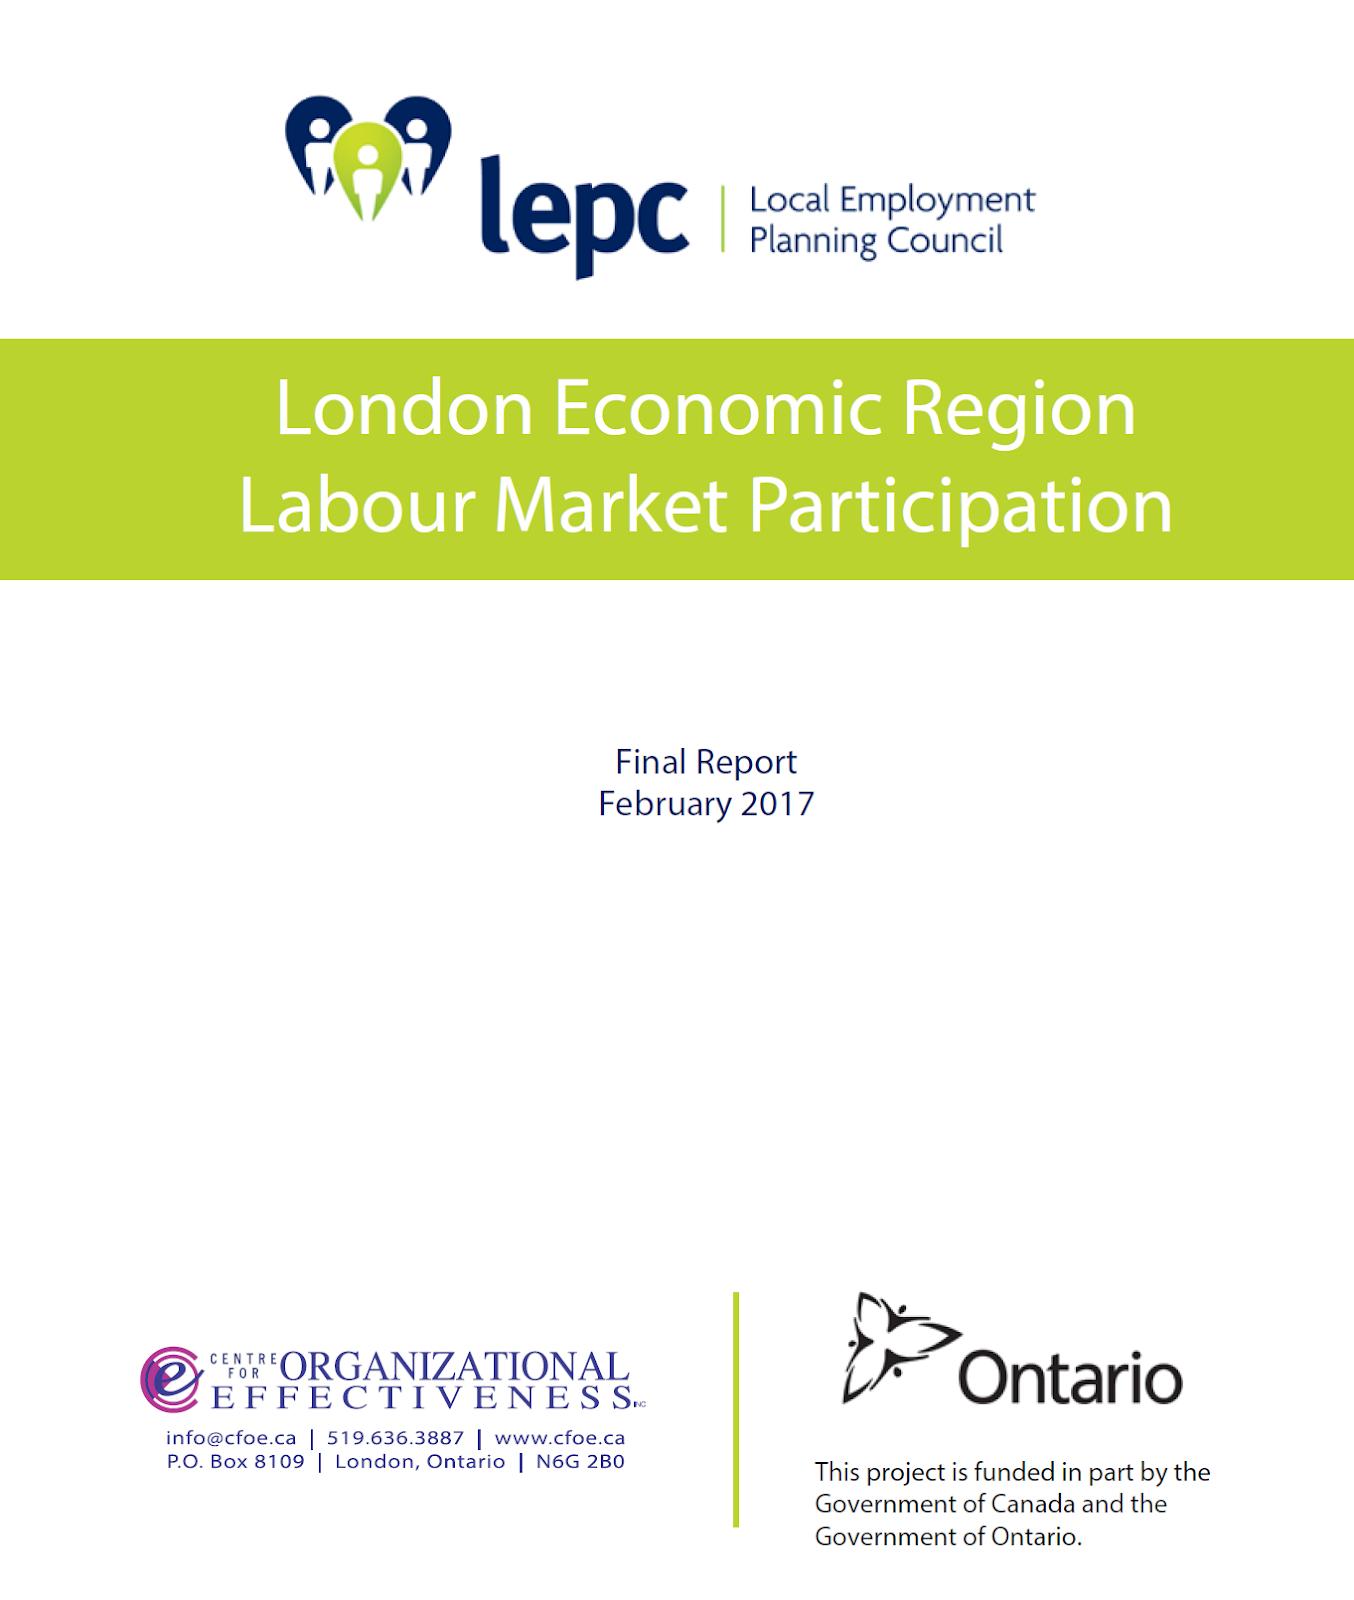 Labour Market Participation in the LER